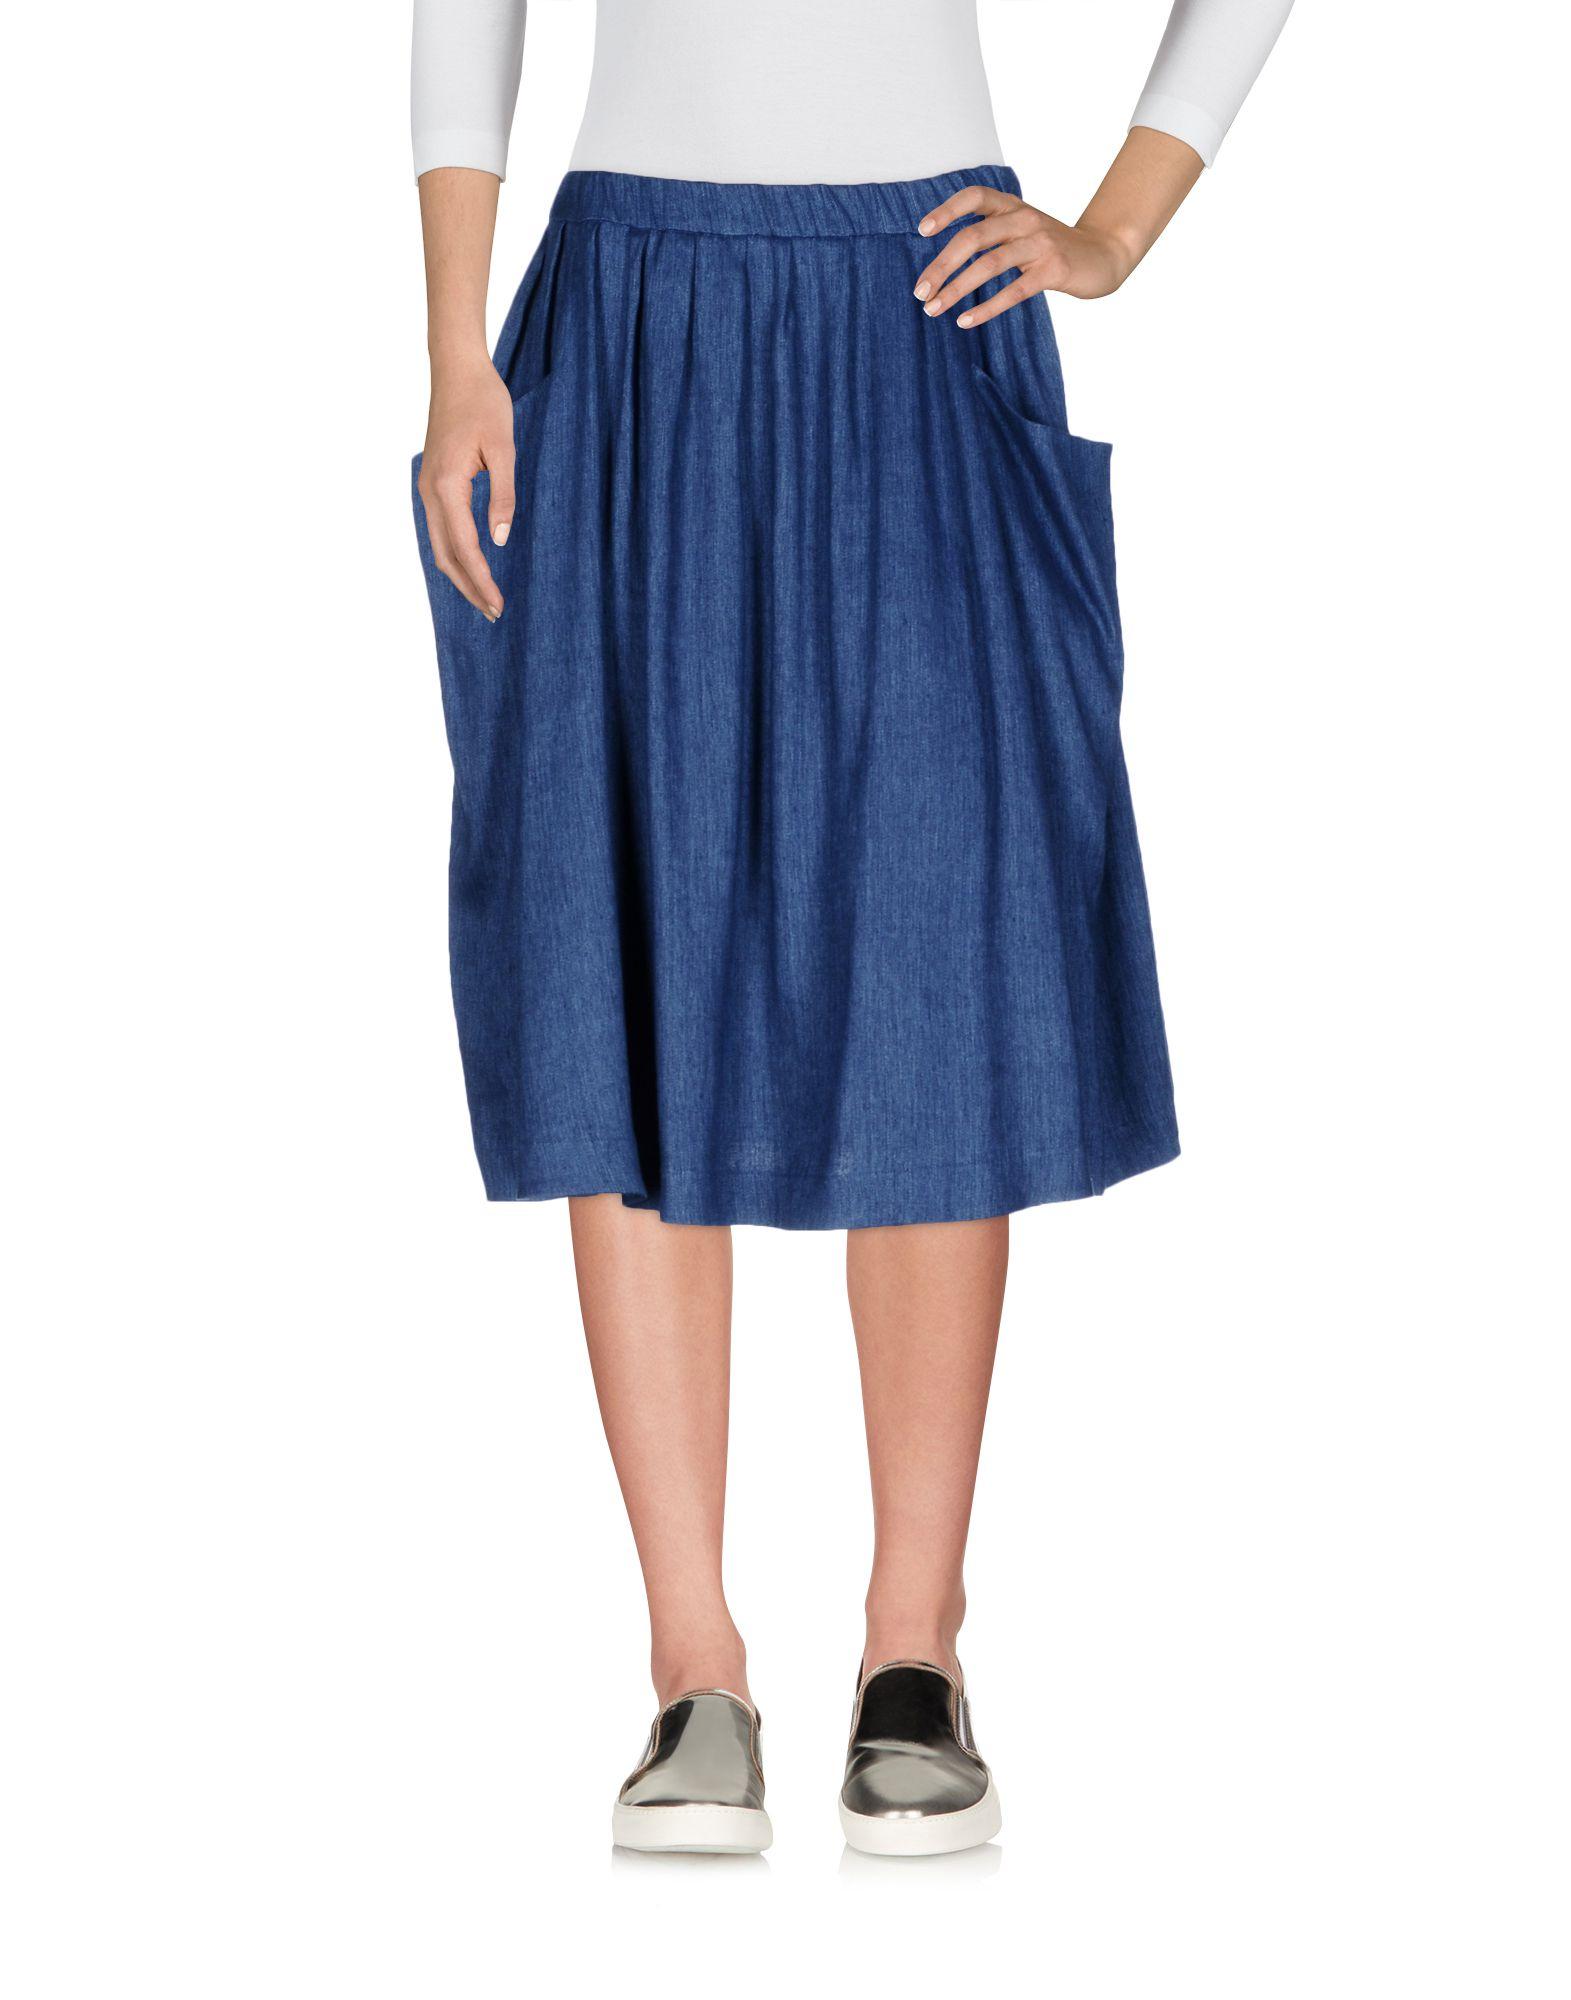 Gonna Jeans L' Autre Chose Donna - Acquista online su GtJ9j16sGo